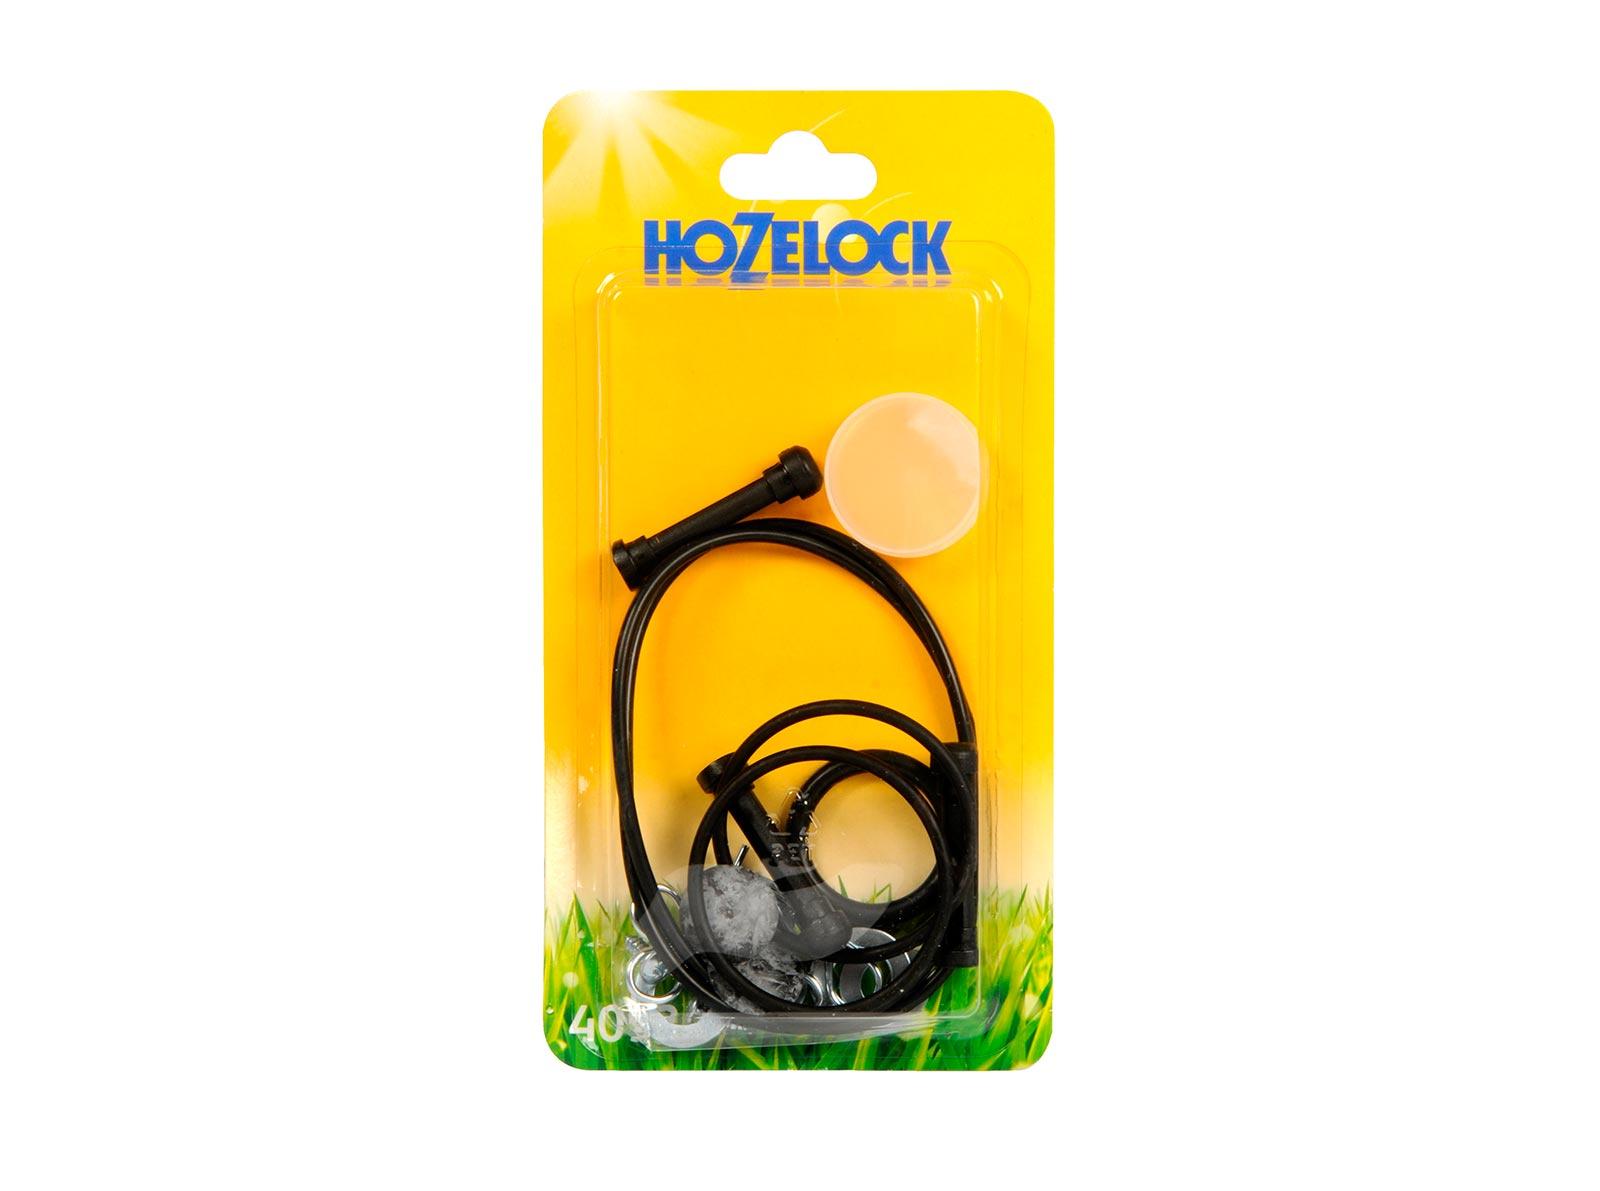 Опрыскиватель садовый Hozelock комплект обслуживания 4093 для опрыскивателей 12 л и 16 л, черный